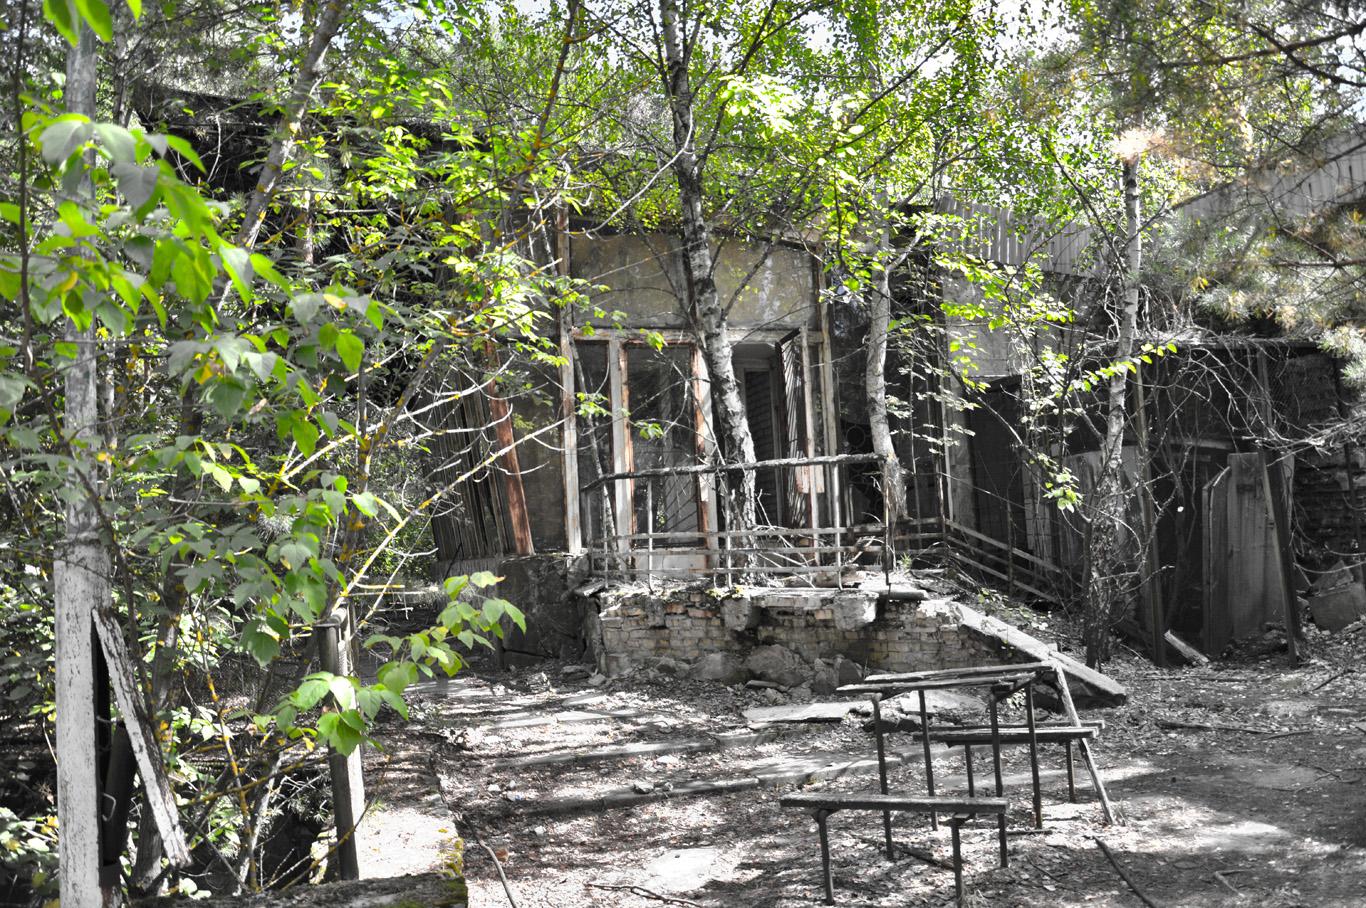 Falling apart buildings in Pripyat